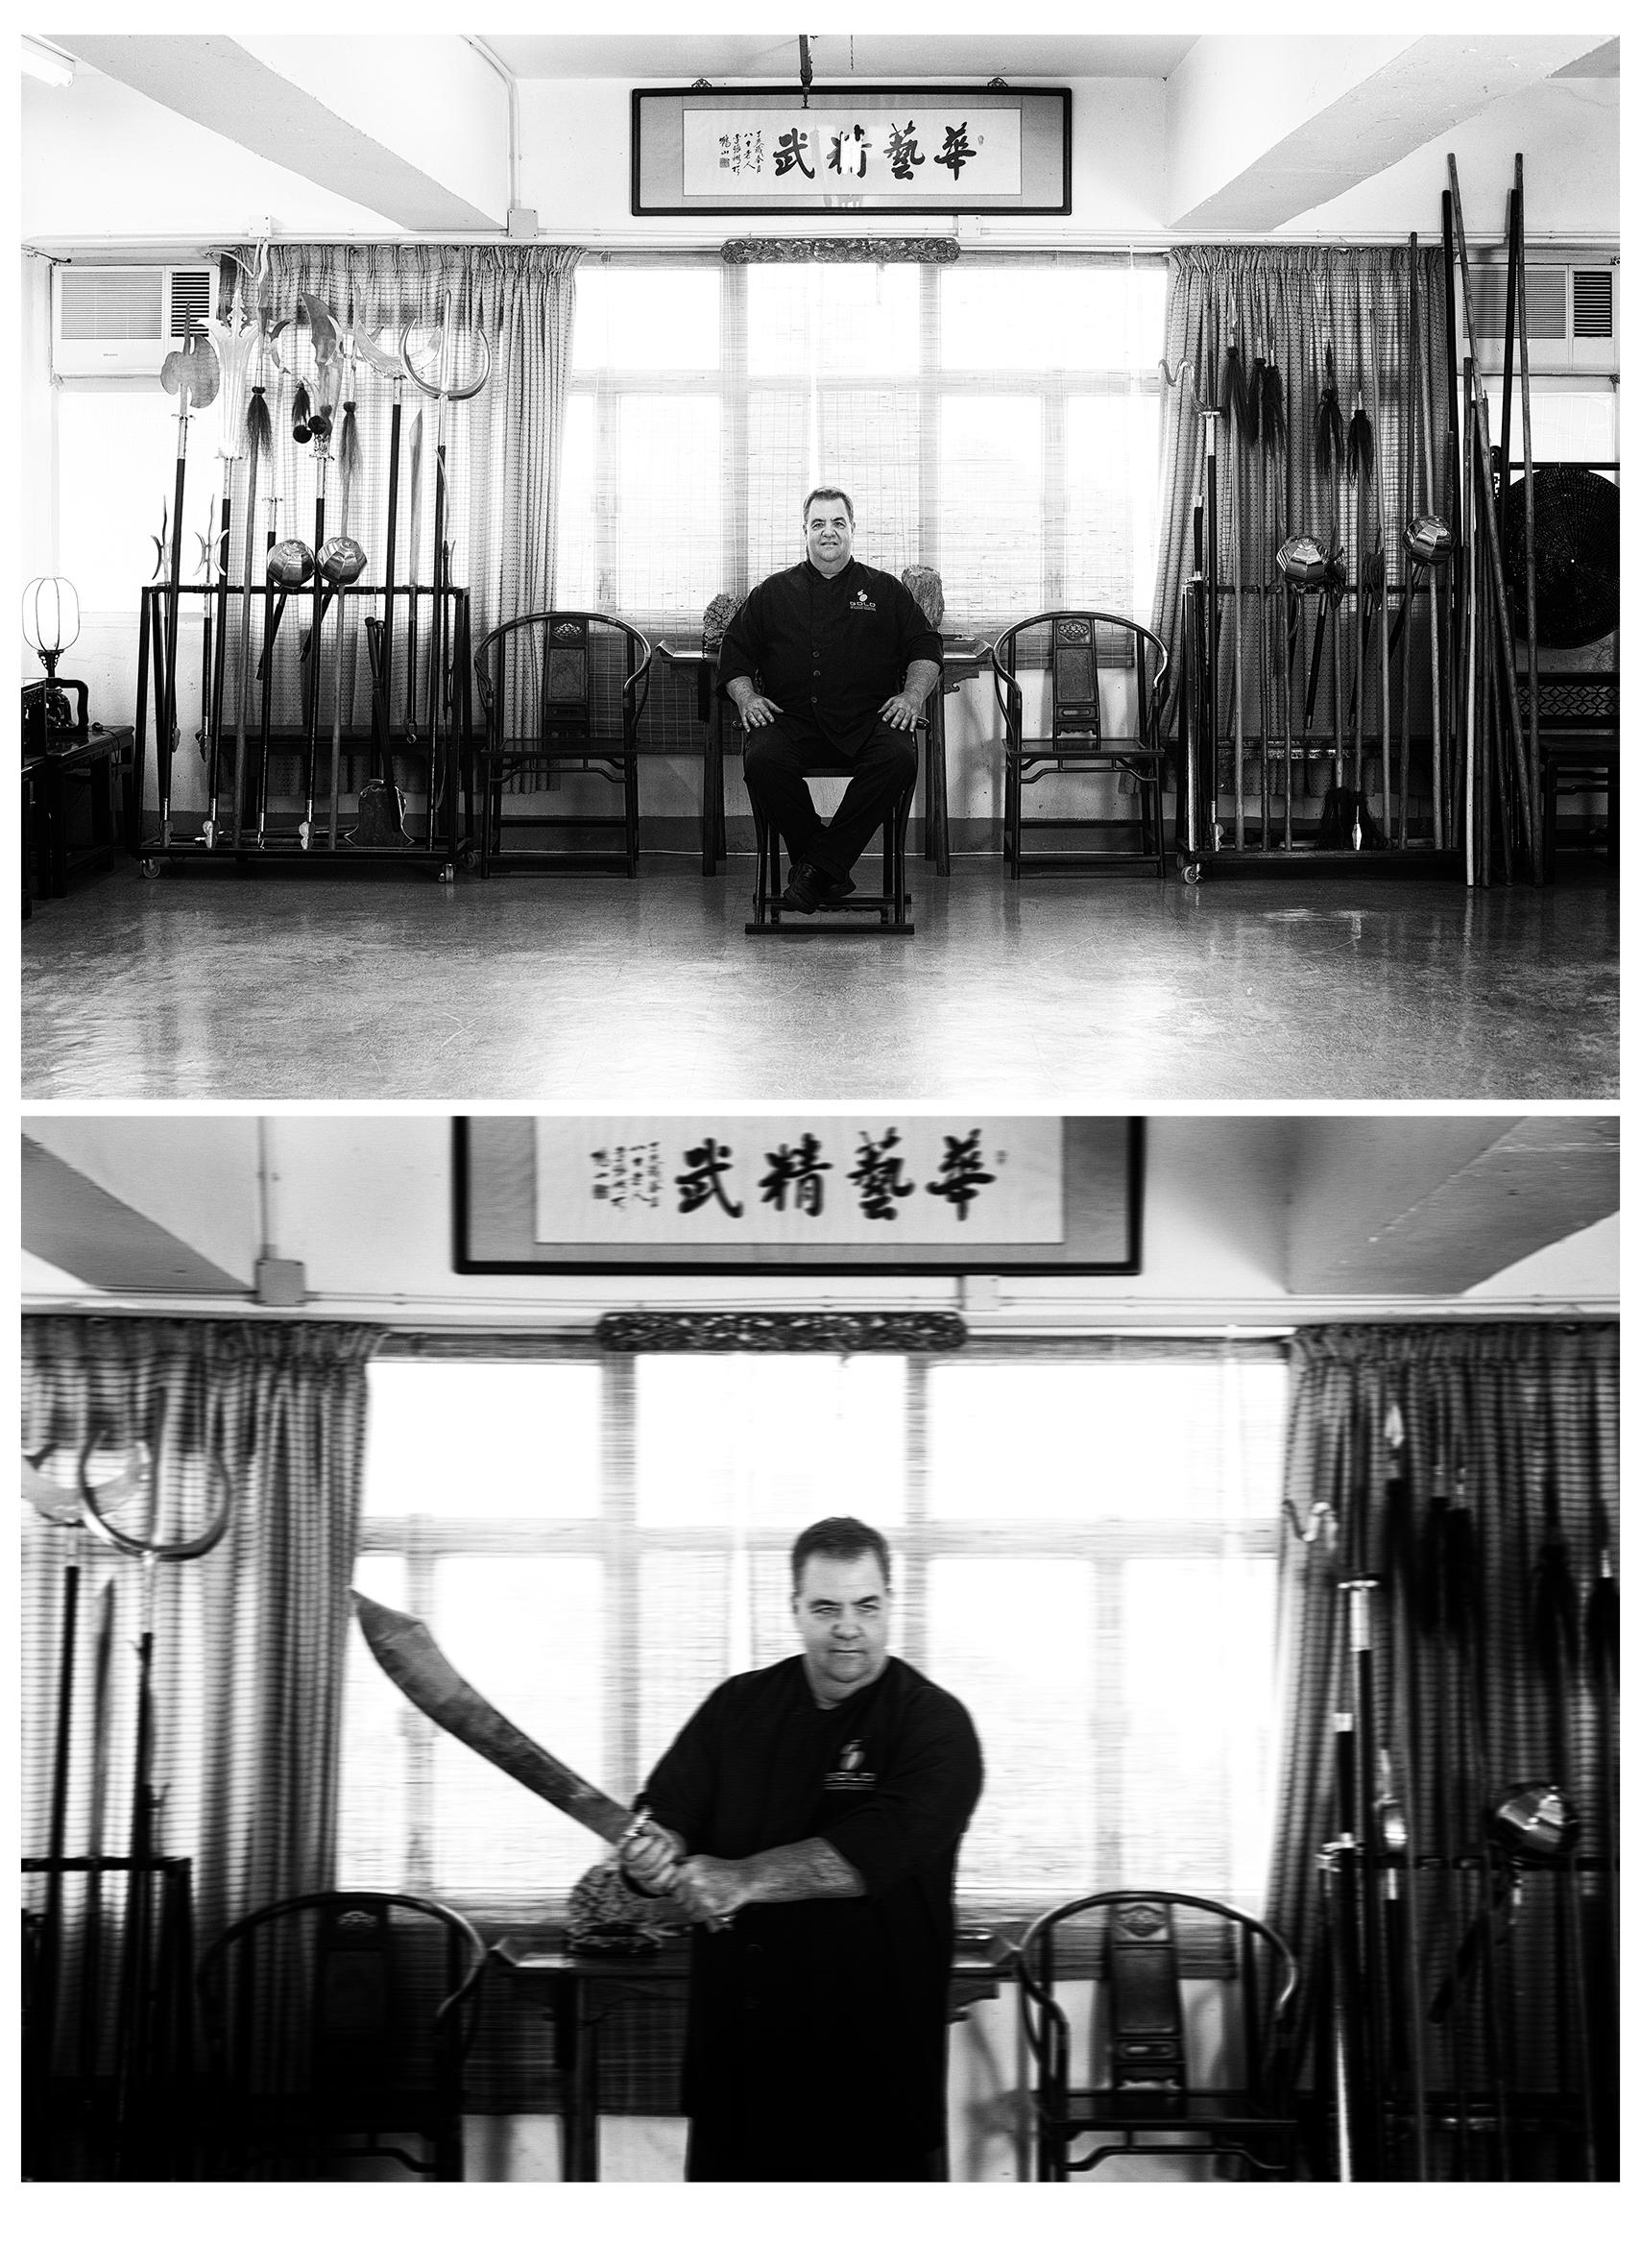 Harlan Goldstein最拿手煙燻及slow cook,愛好中國武術的他可會將仁心仁術放到慢煮哲學中?